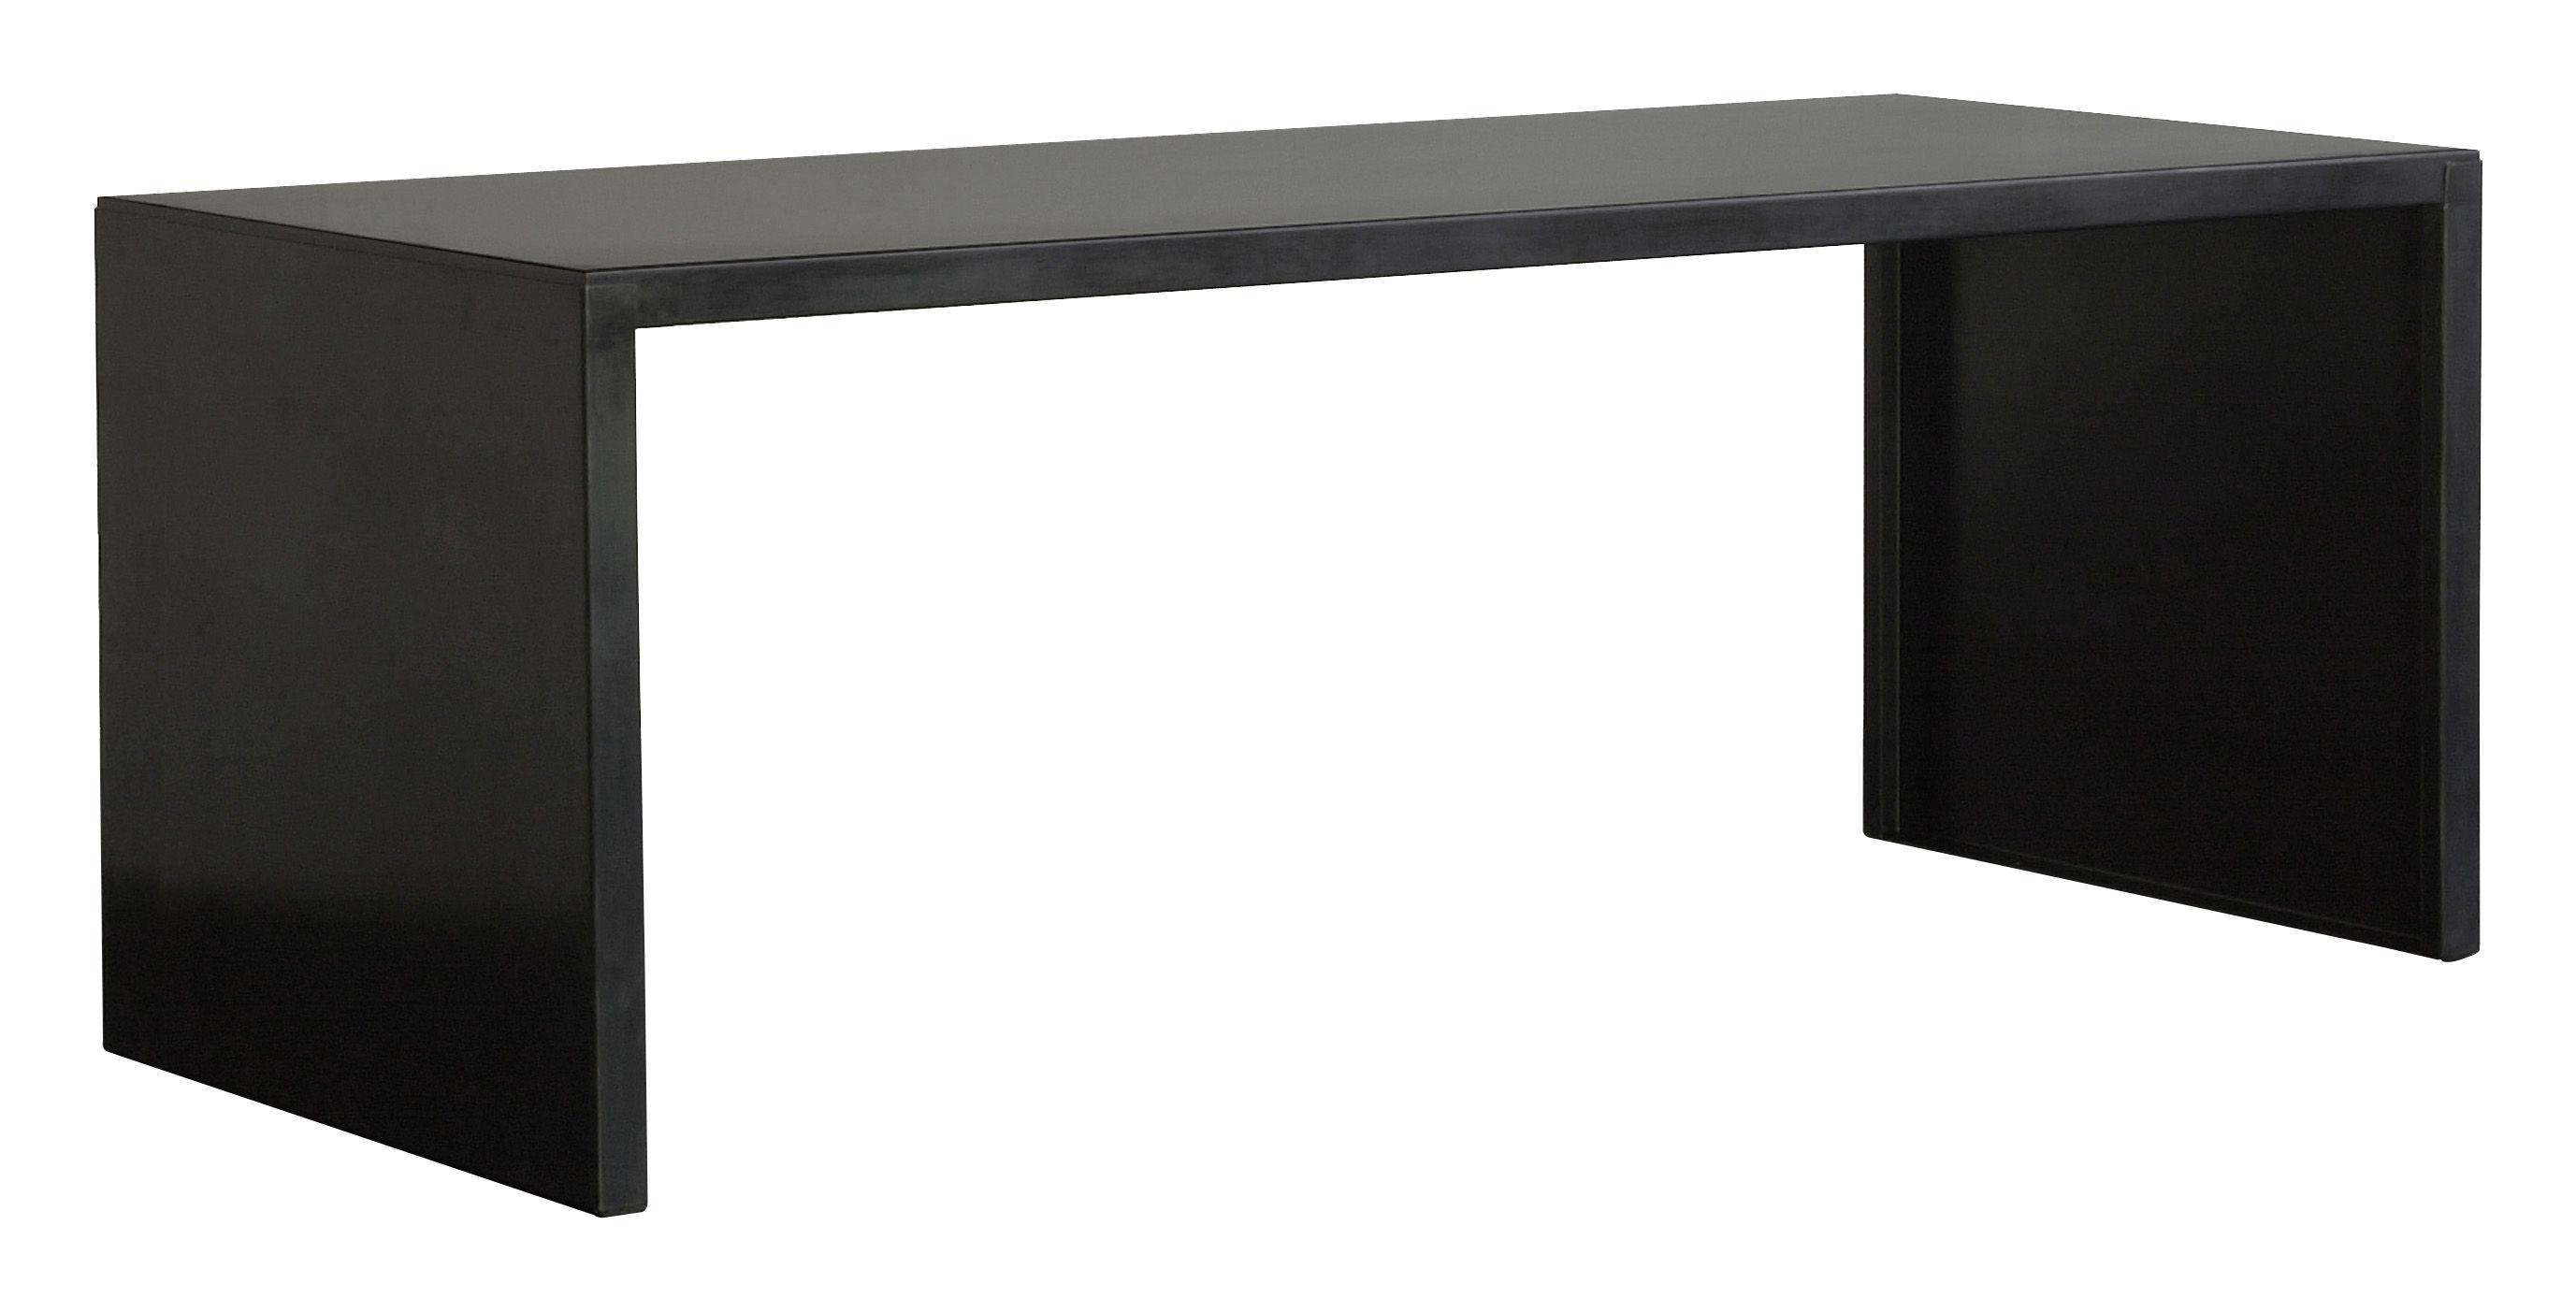 Rentrée 2011 UK - Bureau design - Big Irony Desk rechteckiger Tisch - L 160 cm - Zeus - Phosphatiertes Stahlblech schwarz - 160 x 75 cm - phosphatierter Stahl